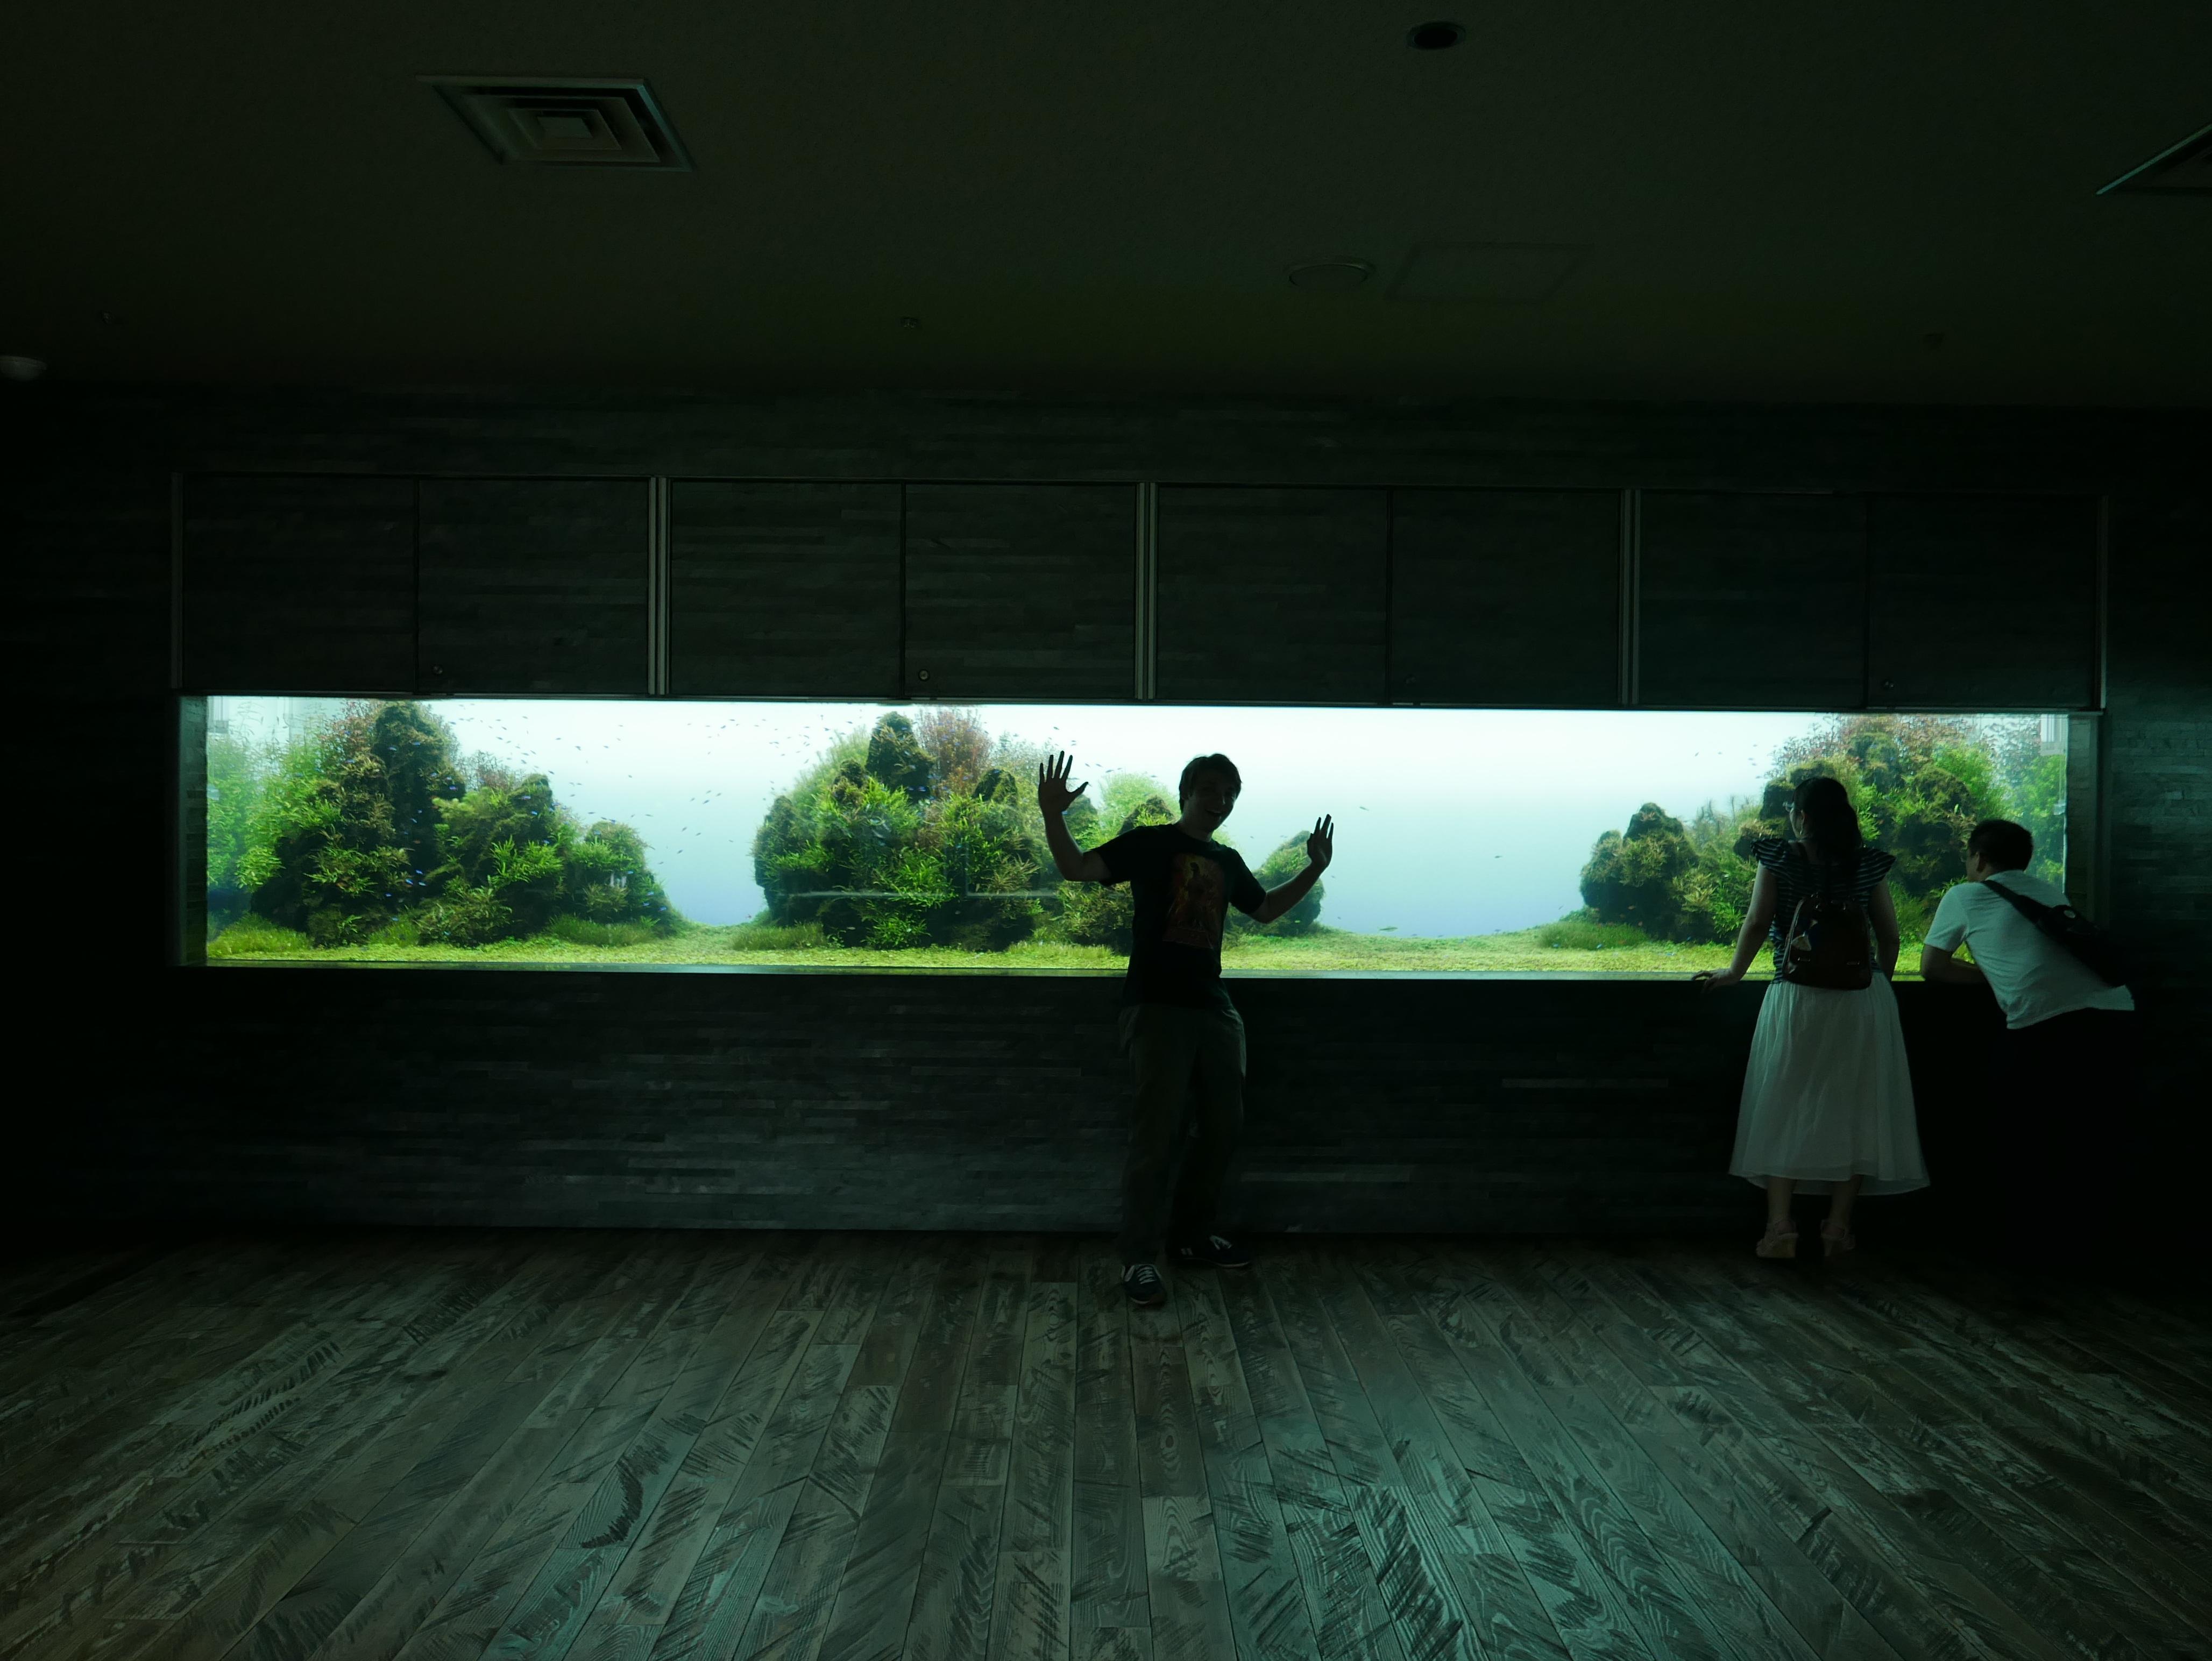 Kostenlose foto : Silhouette, Licht, Haus, Mauer, Tourist, dunkel ...